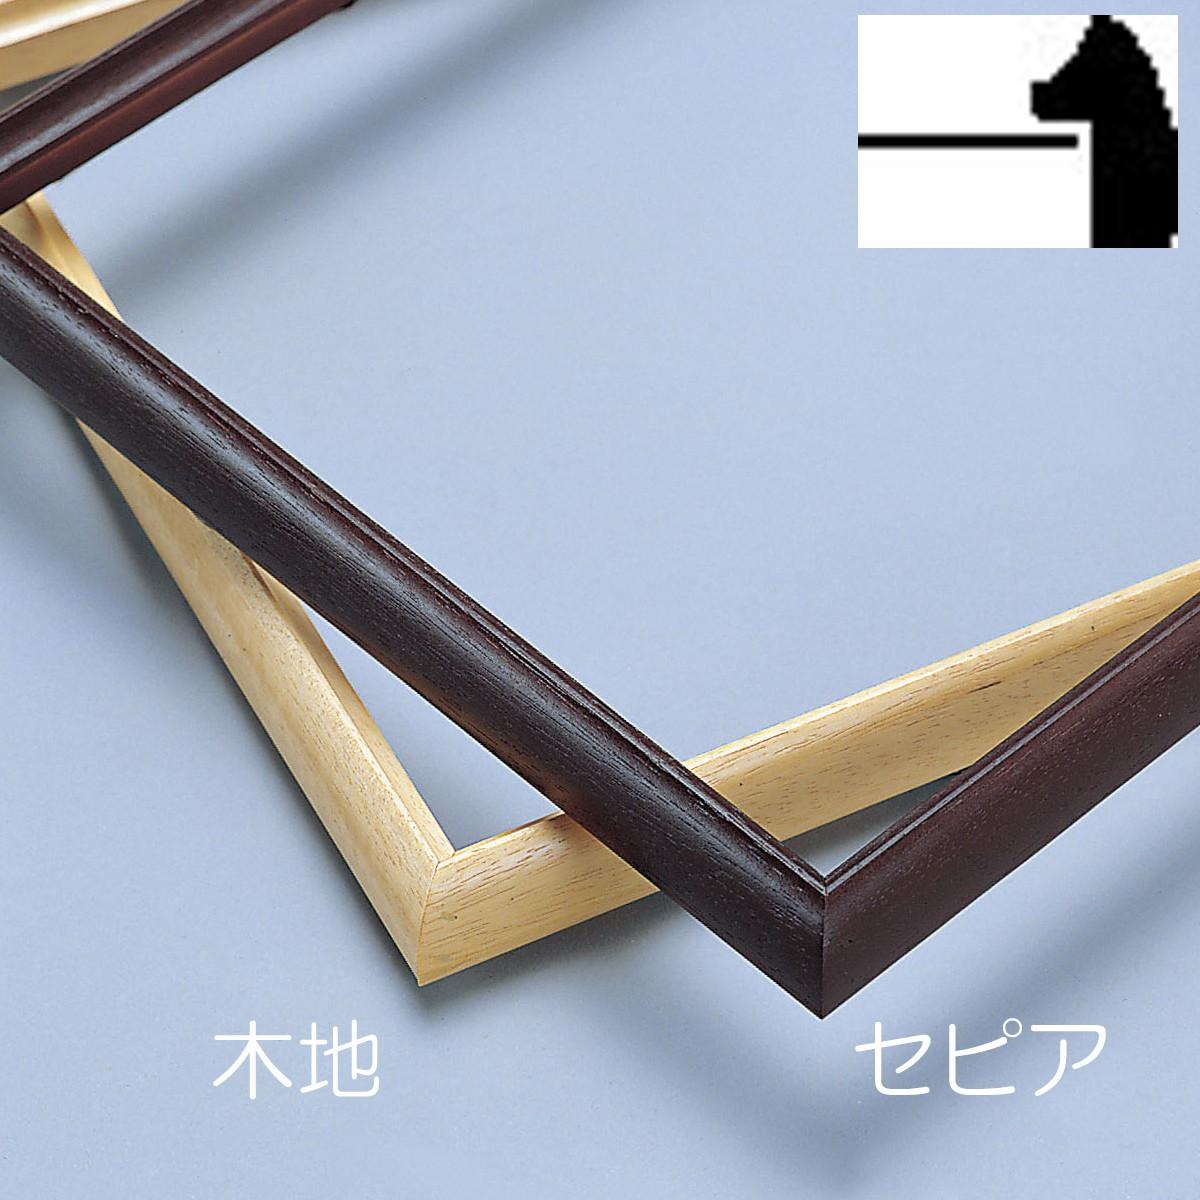 木製額縁 三角型 透明板付 セピア色 大全紙 【 展示 発表 額縁 水彩 】